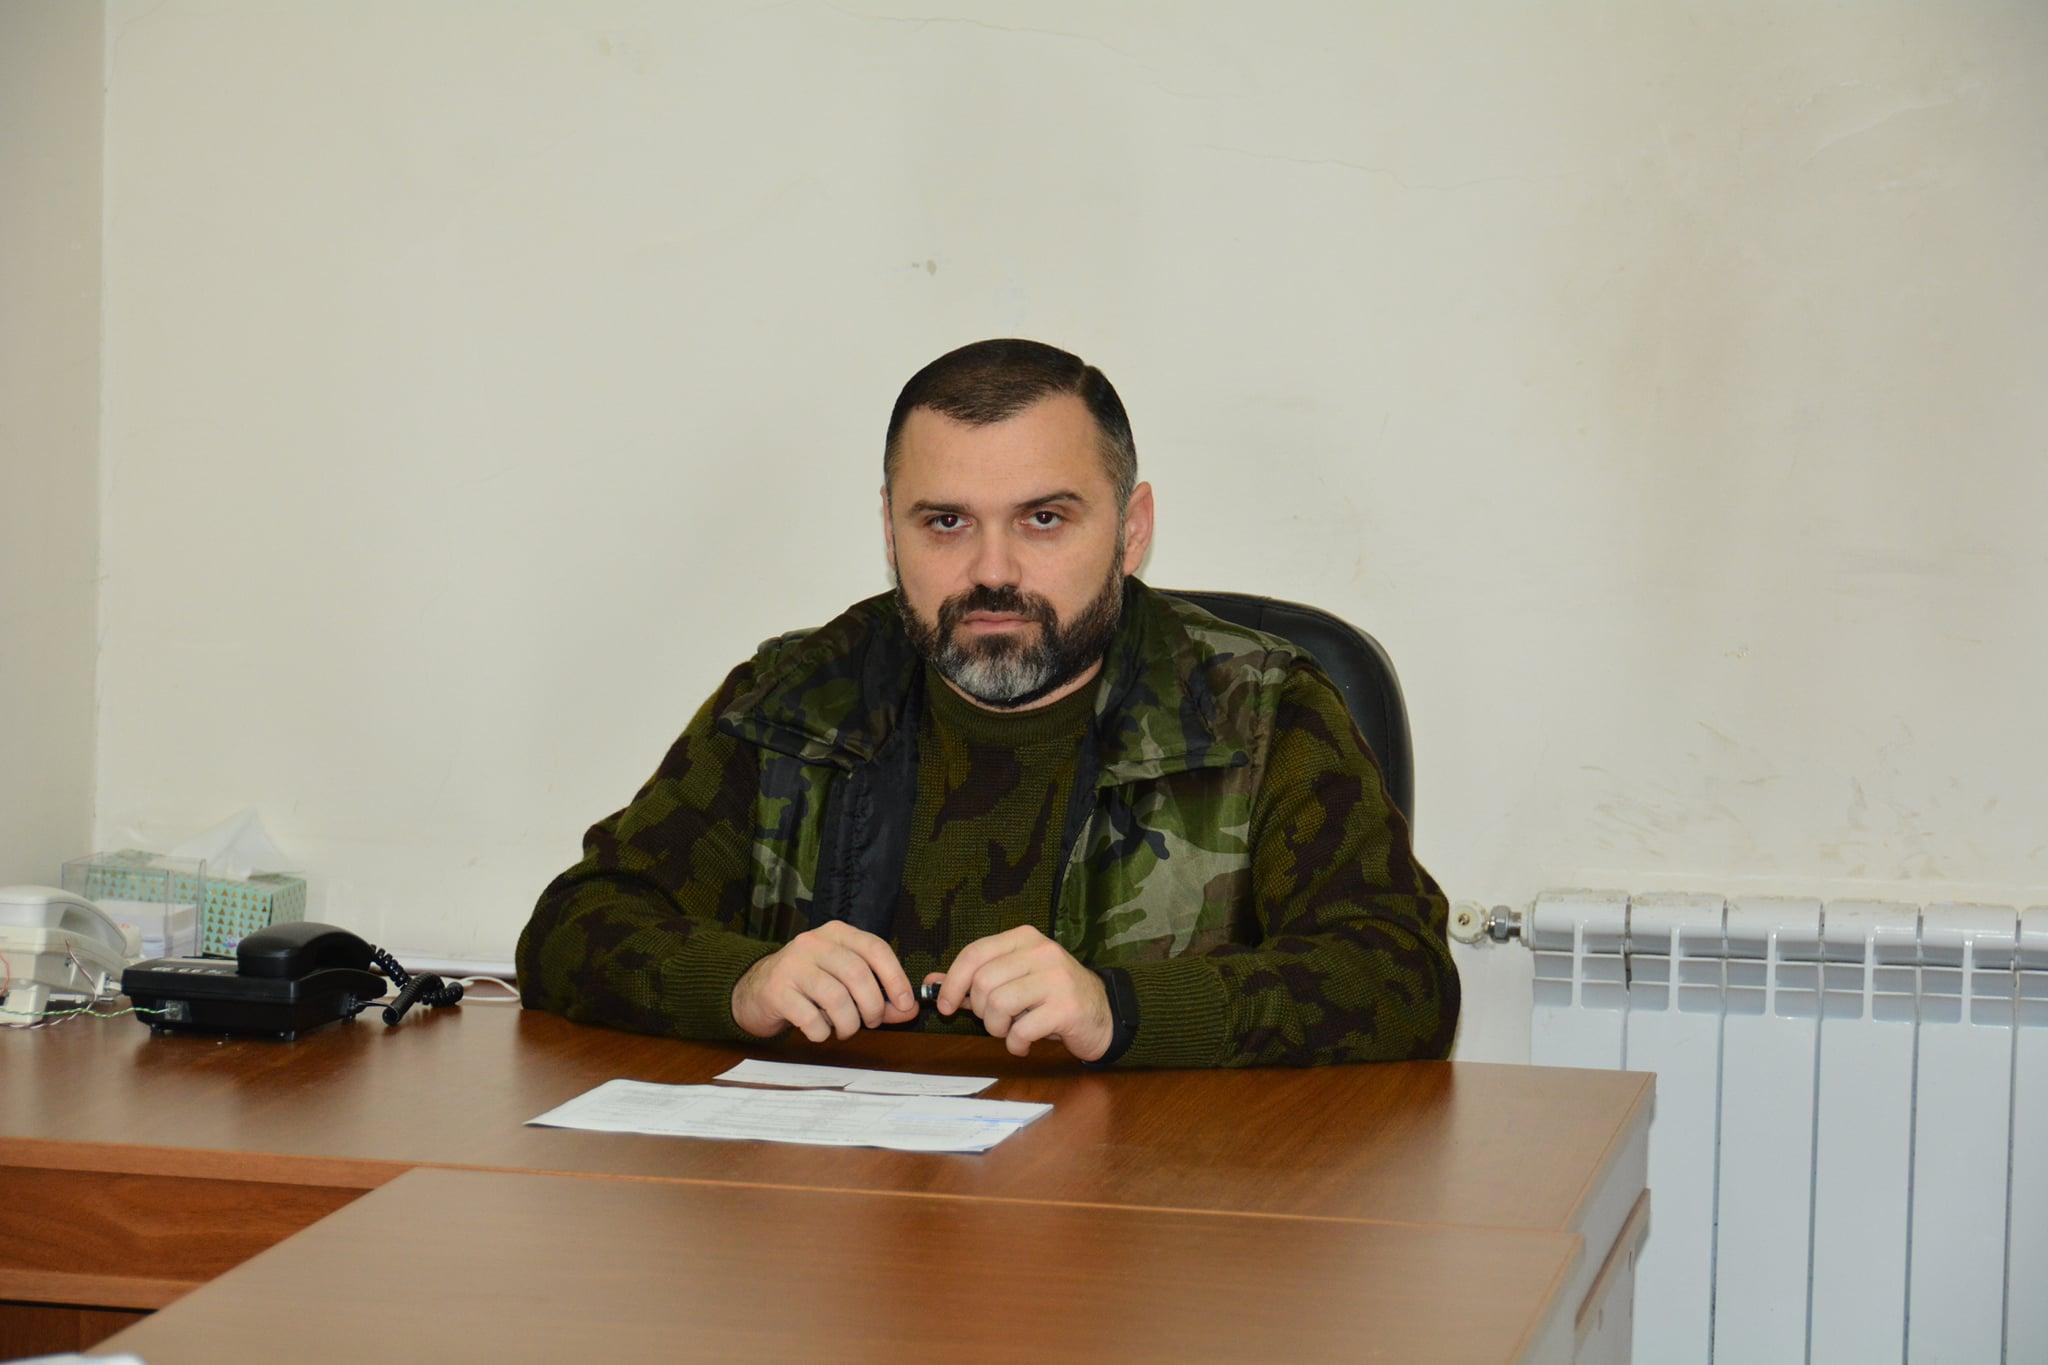 Photo of ԱՀ ԱԻ պետականծառայության տնօրեն գեներալ-մայոր Կարեն Սարգսյանն այսօր ծառայության բոլոր ստորաբաժանումների պատասխանատուների հետ անց է կացրել աշխատանքային խորհրդակցություն